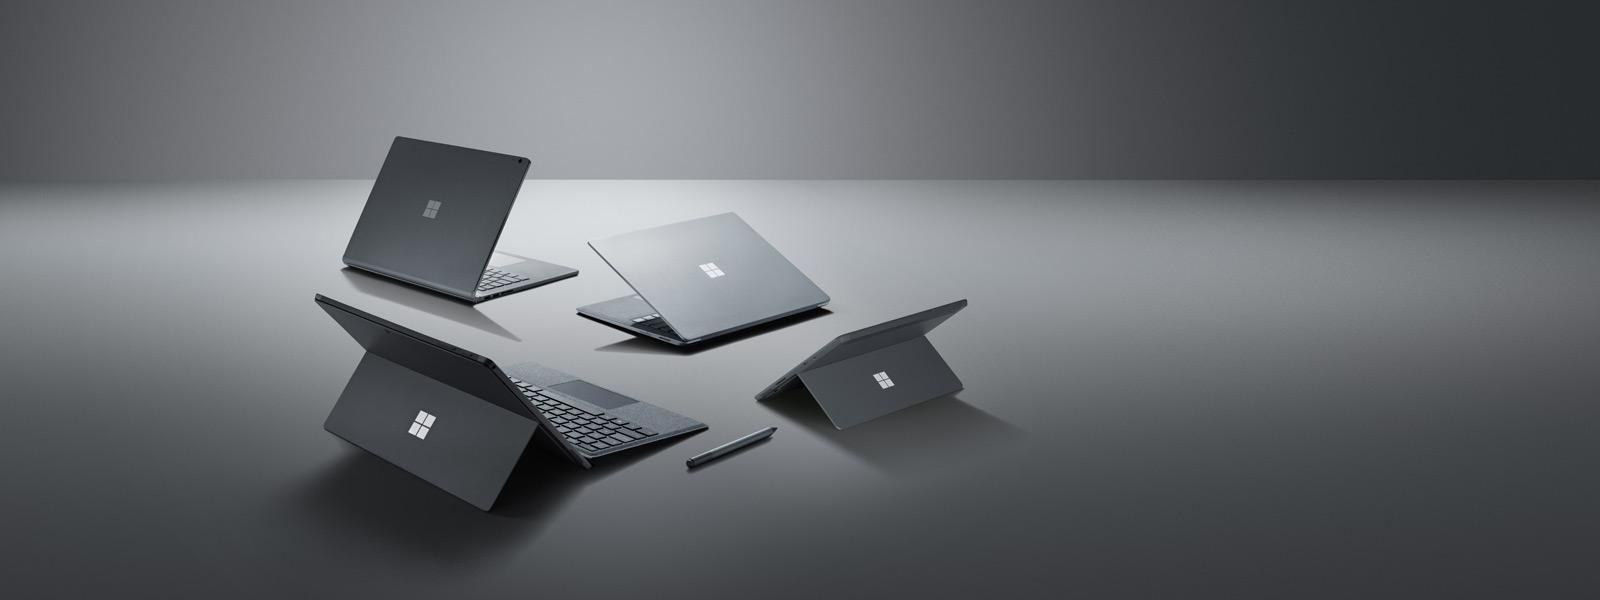 带 Surface 触控笔的 Surface 系列电脑